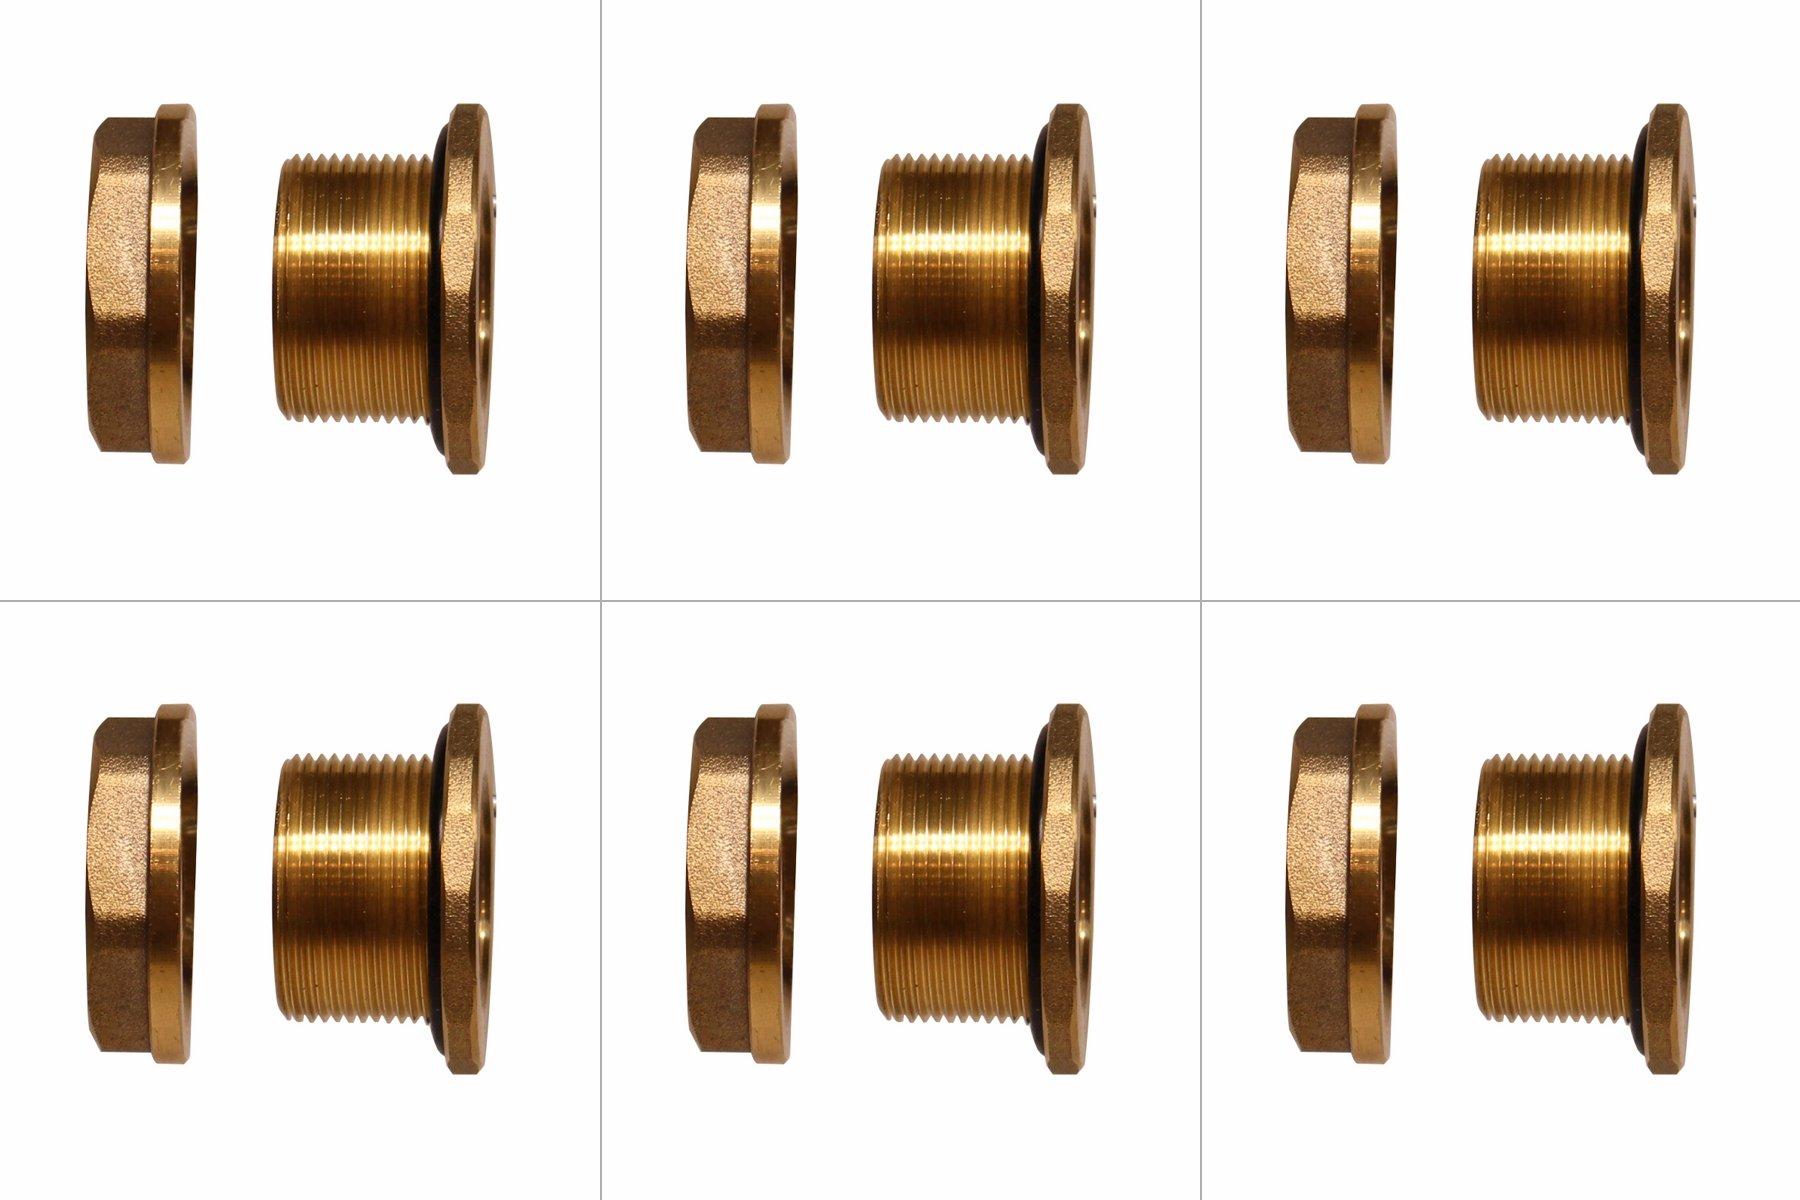 RAINPAL F075LFRH Brass BulkHead Tank Fitting 3/4'' Female Threaded(Lead Free Compliant, Right Handed Nut) (6)